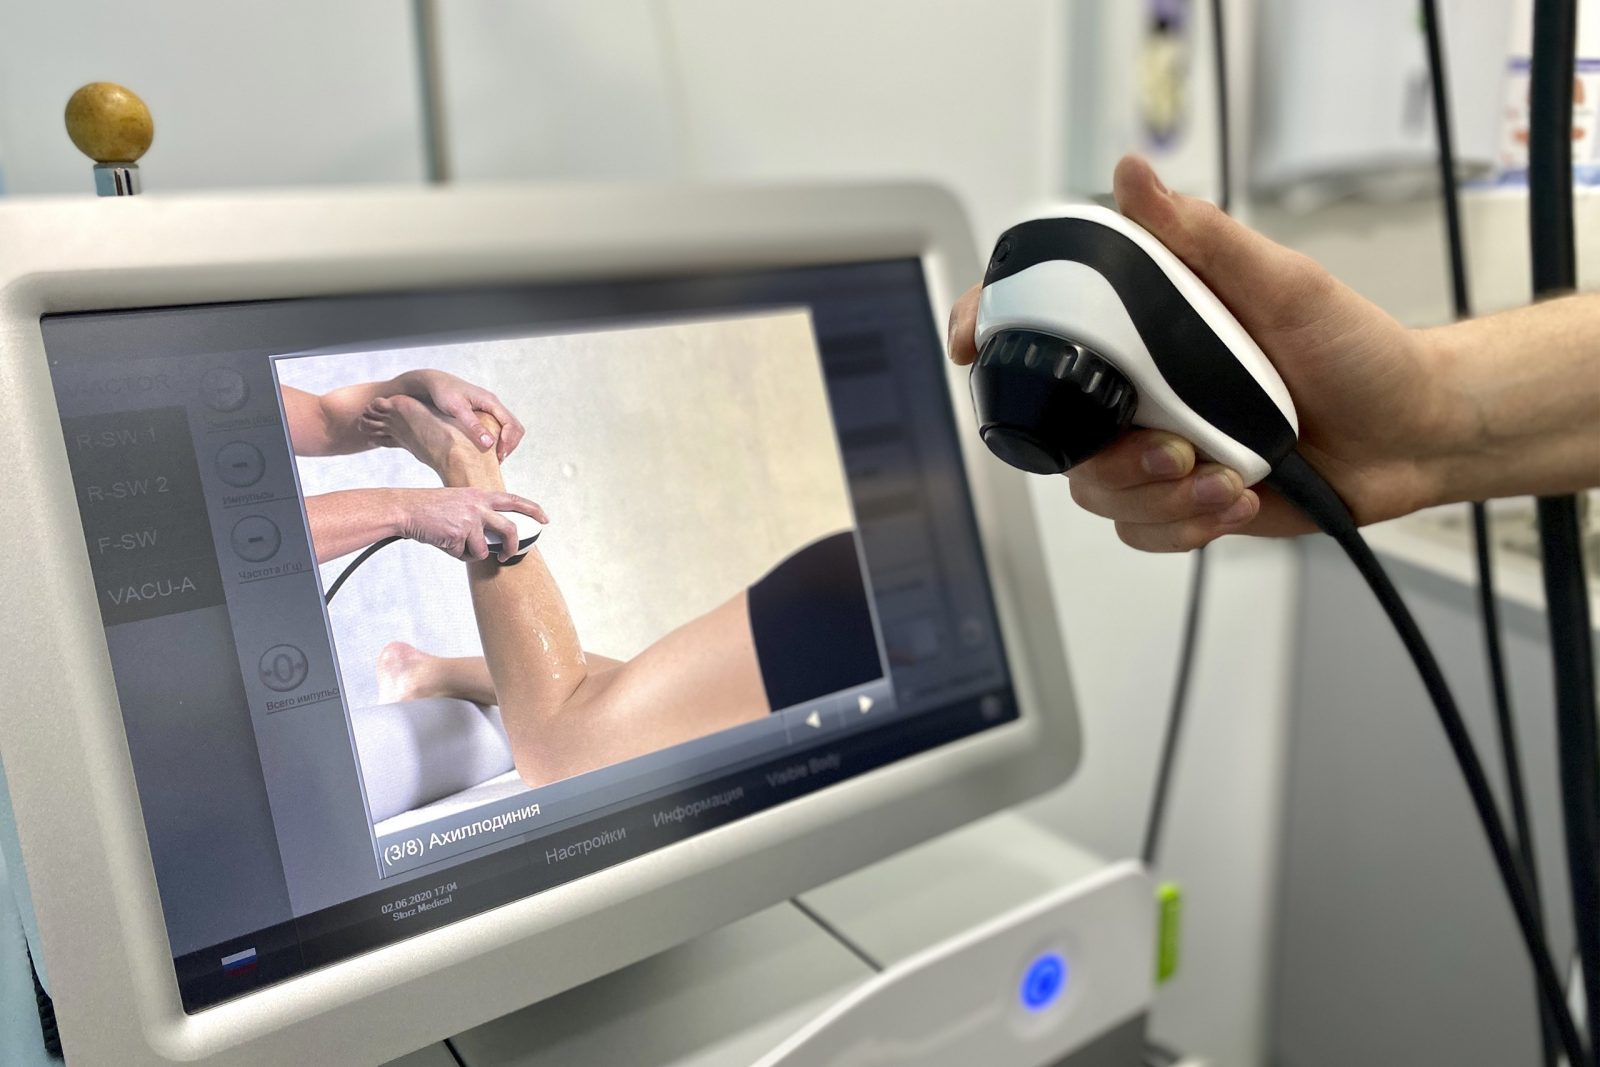 Ударно волновая терапия. Как помогает УВТ? | МедЦентр «36.6» | Запорожье